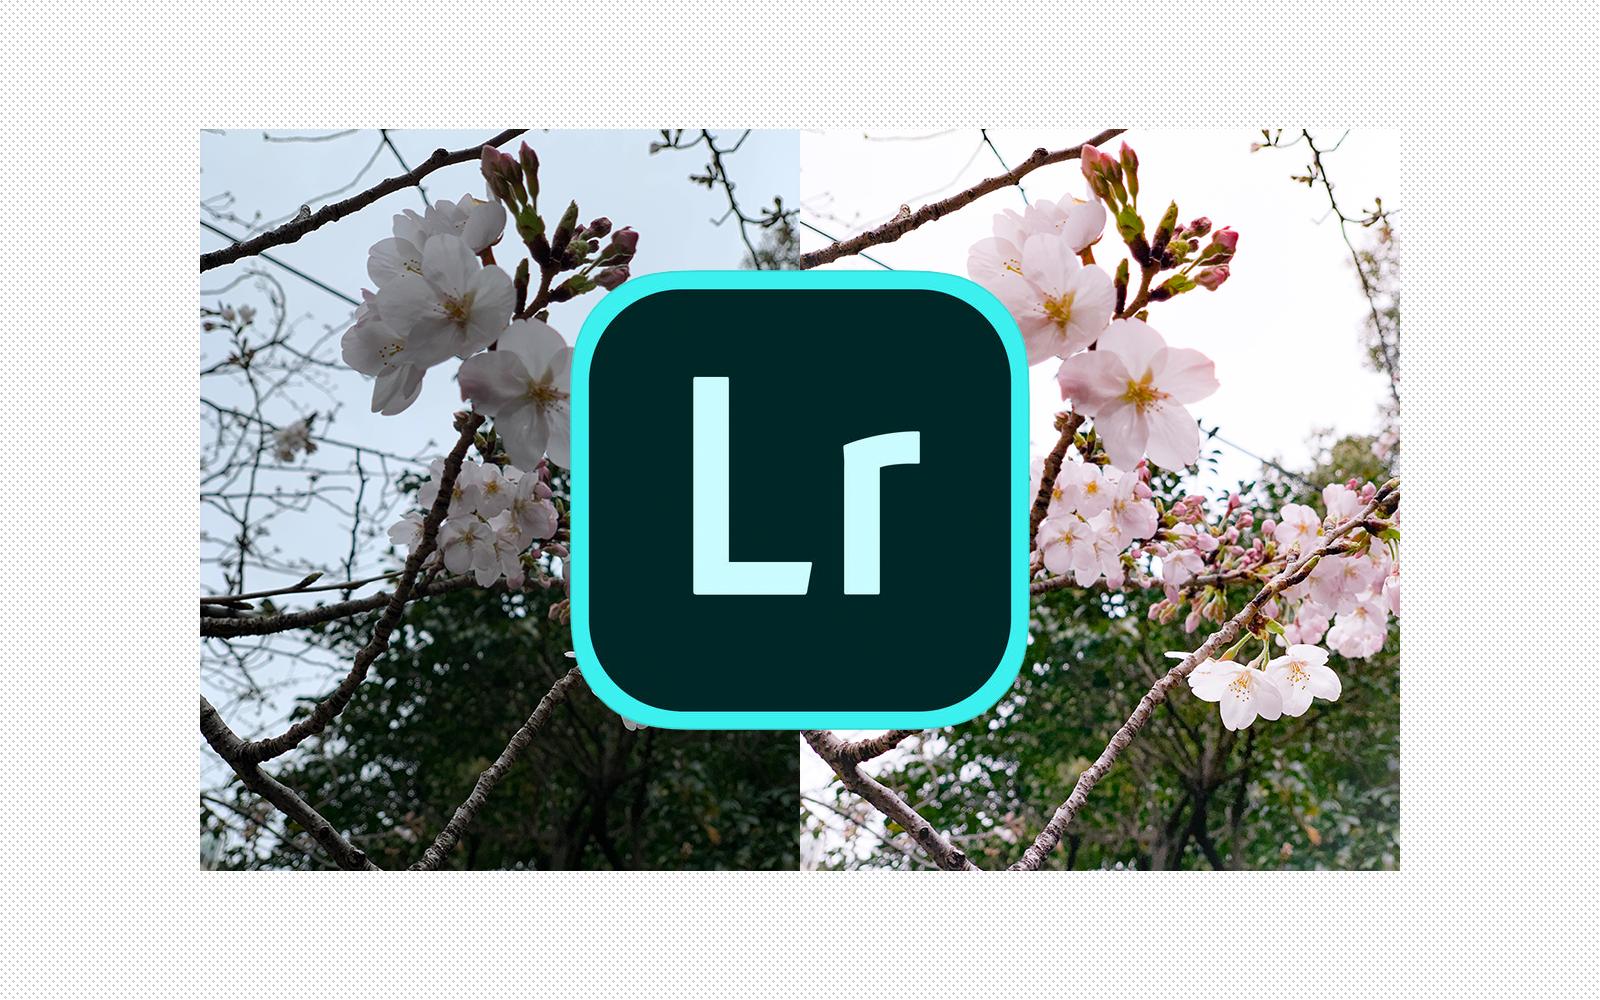 スマホで簡単&本格的な無料写真補正アプリ Lightroom(ライトルーム)で桜の写真を手軽に補正